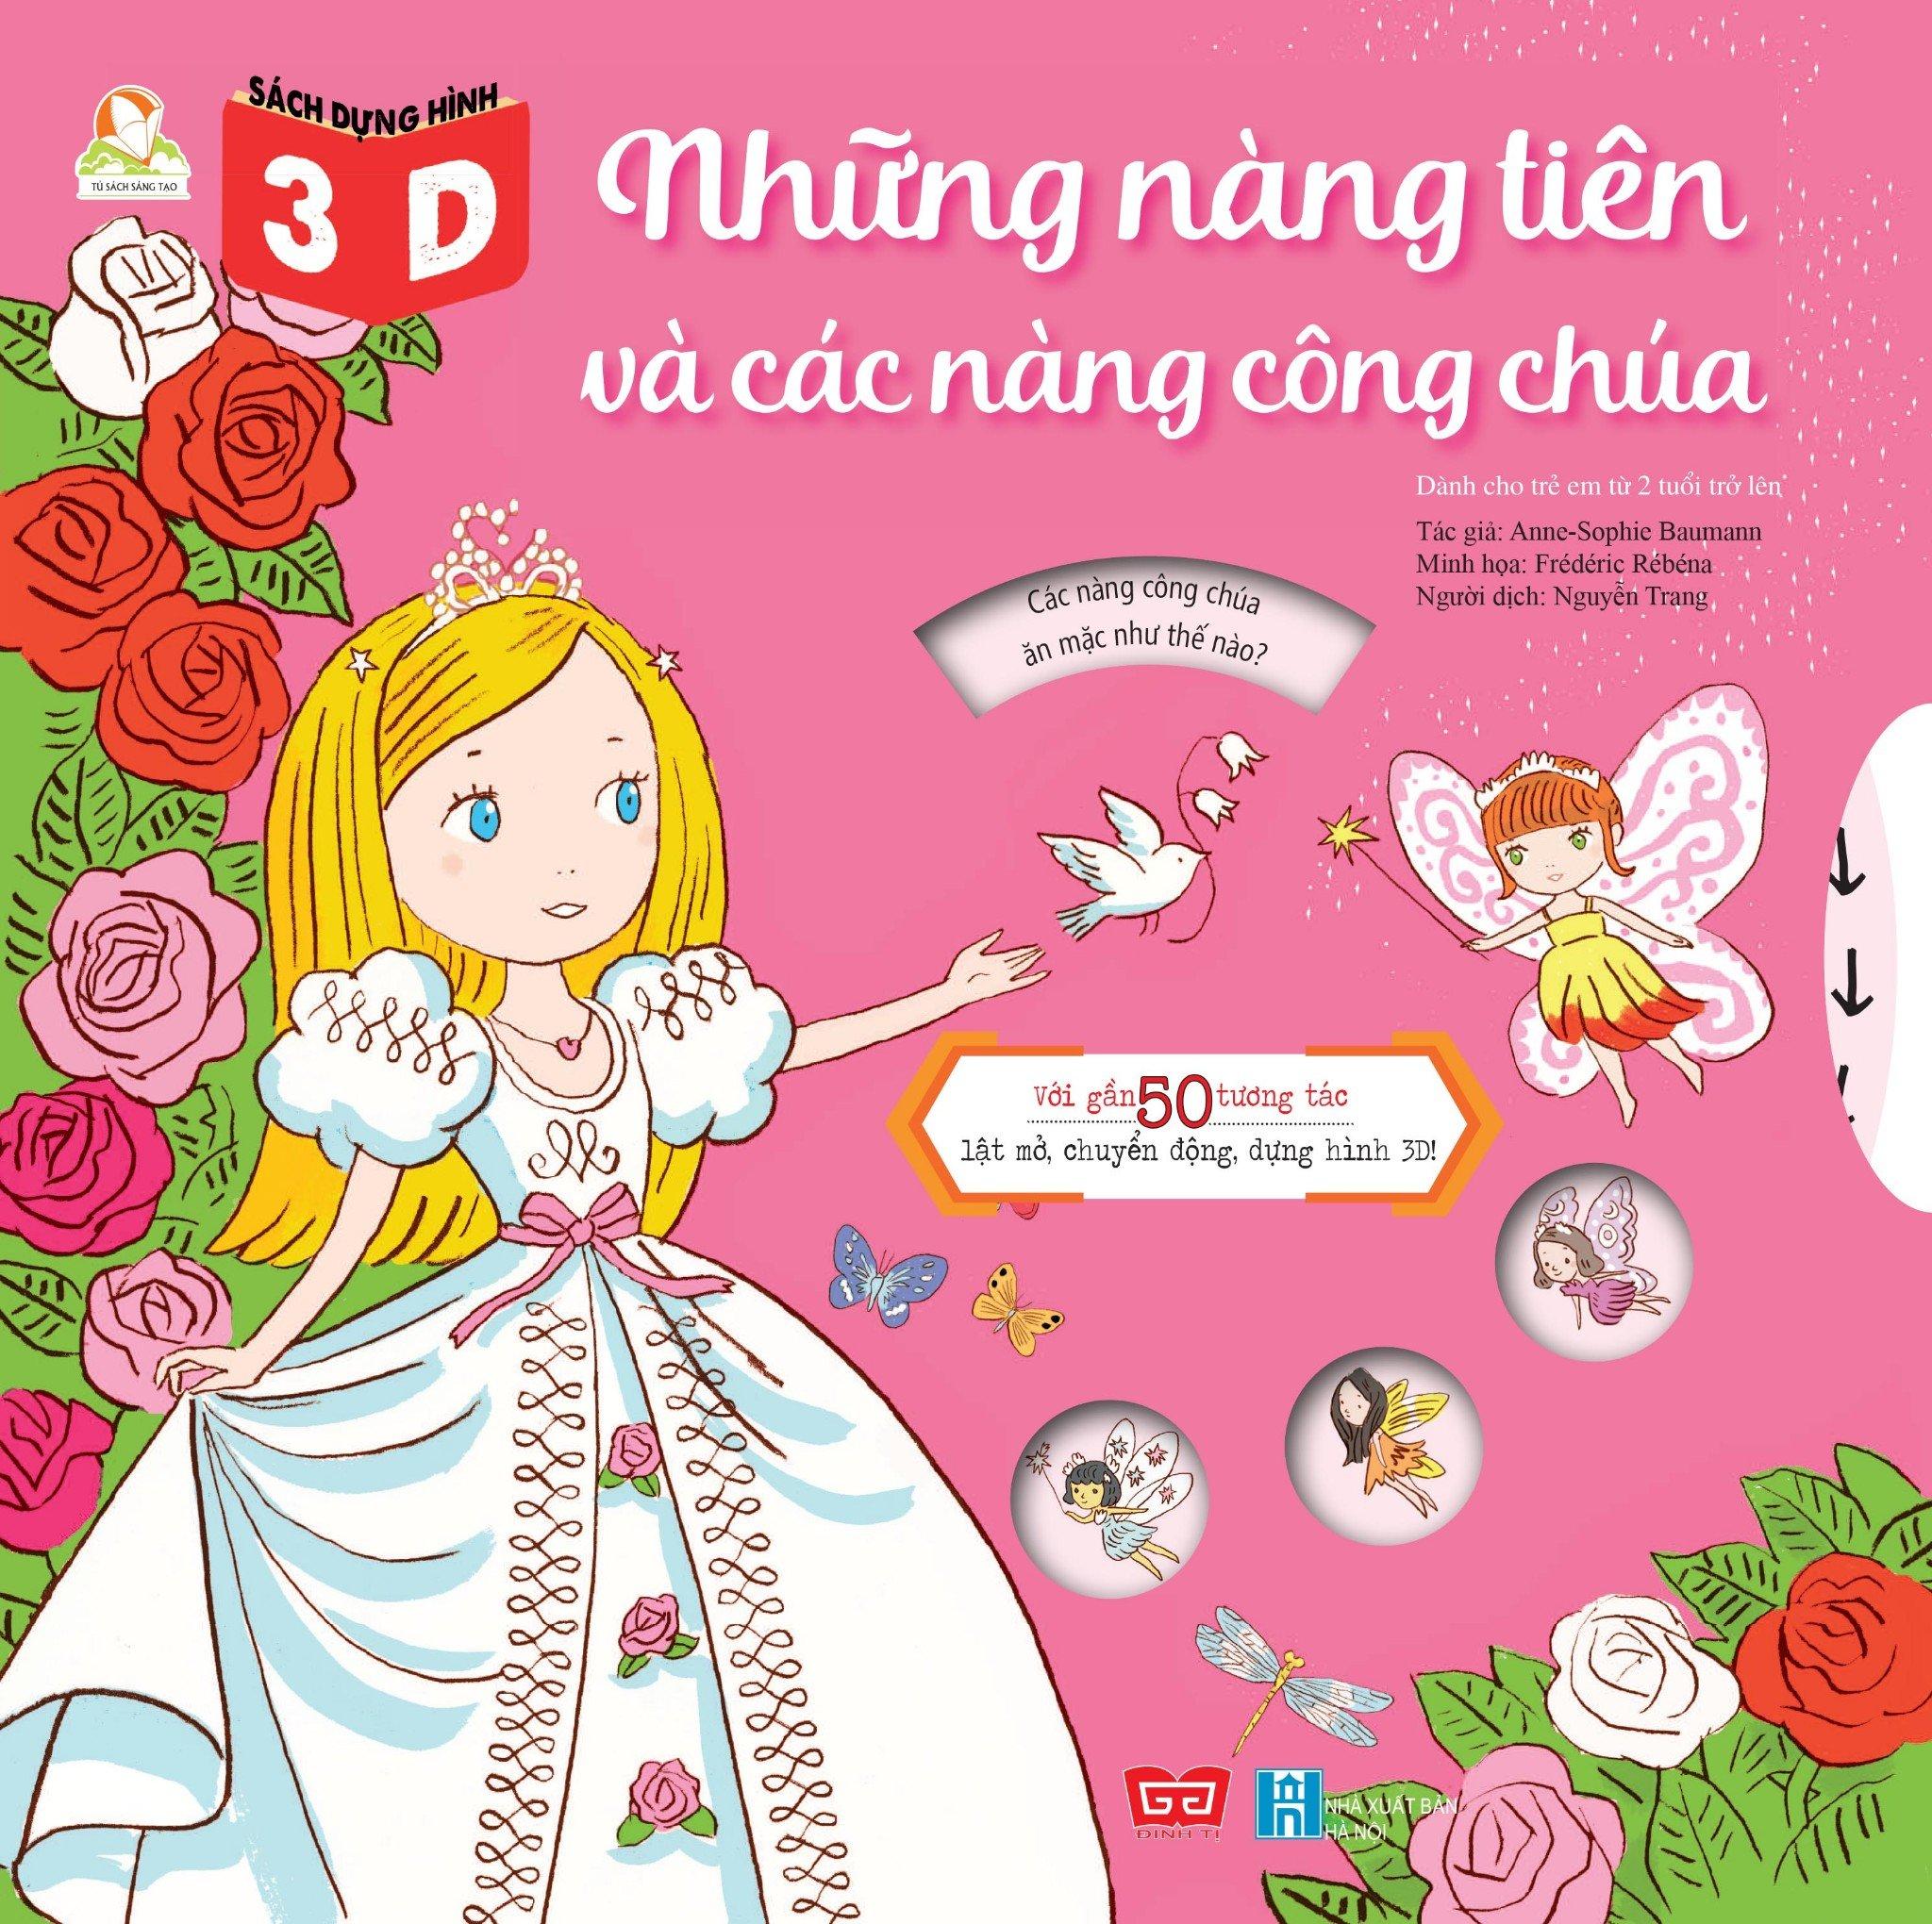 Sách dựng hình 3D - Những nàng tiên và các nàng công chúa - Với gần 50 tương tác lật mở, chuyển động, dựng hình 3D!